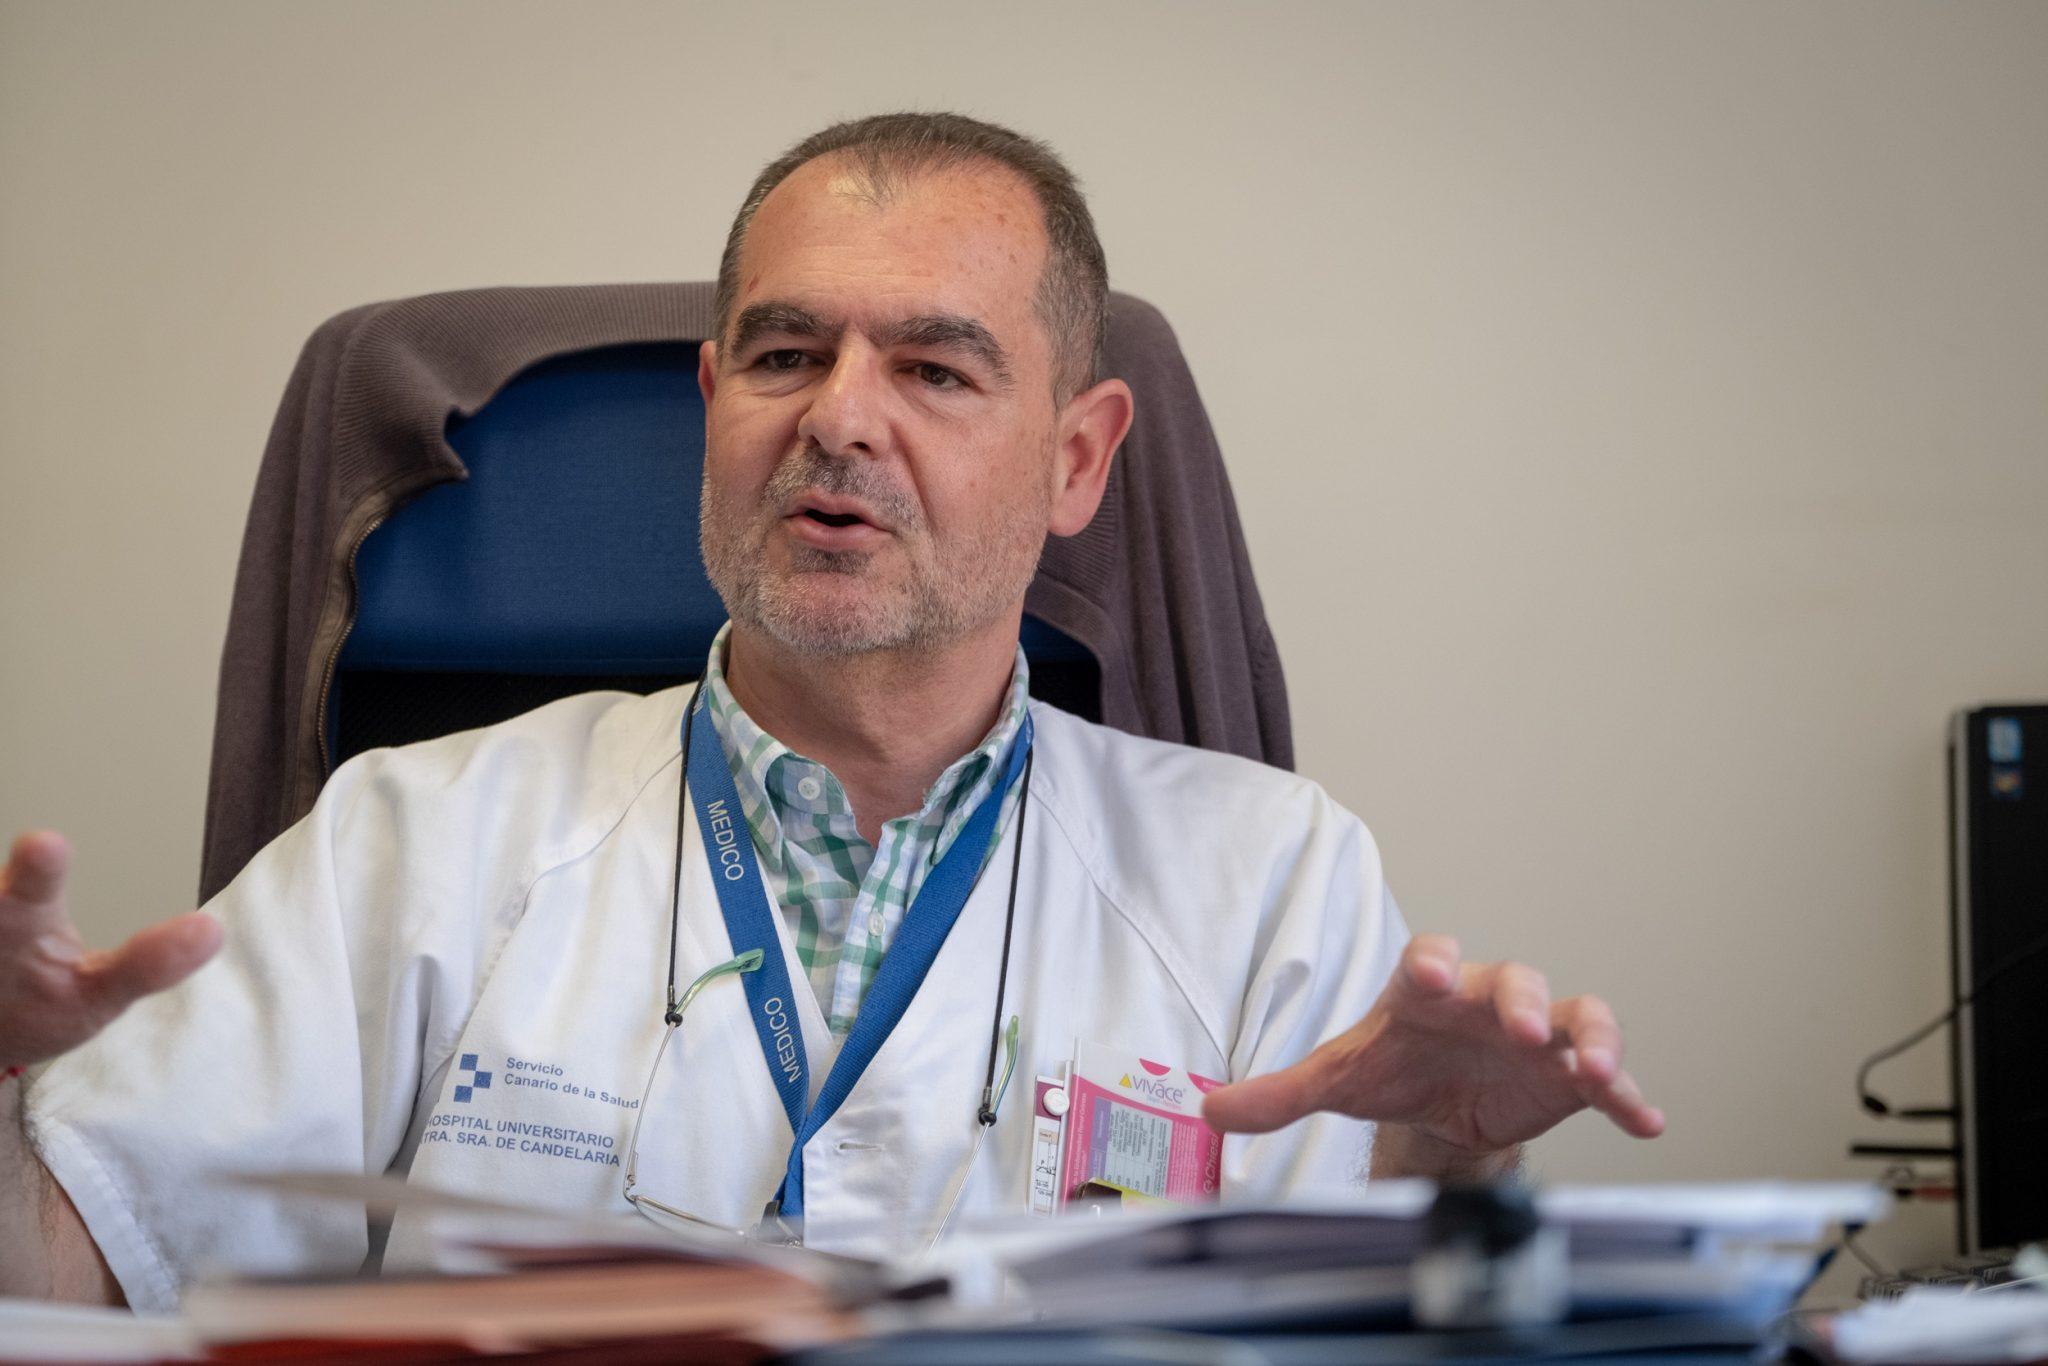 Juan Navarro es el jefe de la unidad de investigación de La Candelaria, donde se desarrollan en torno a 28 estudios sobre la Covid-19. FOTO: Fran Pallero